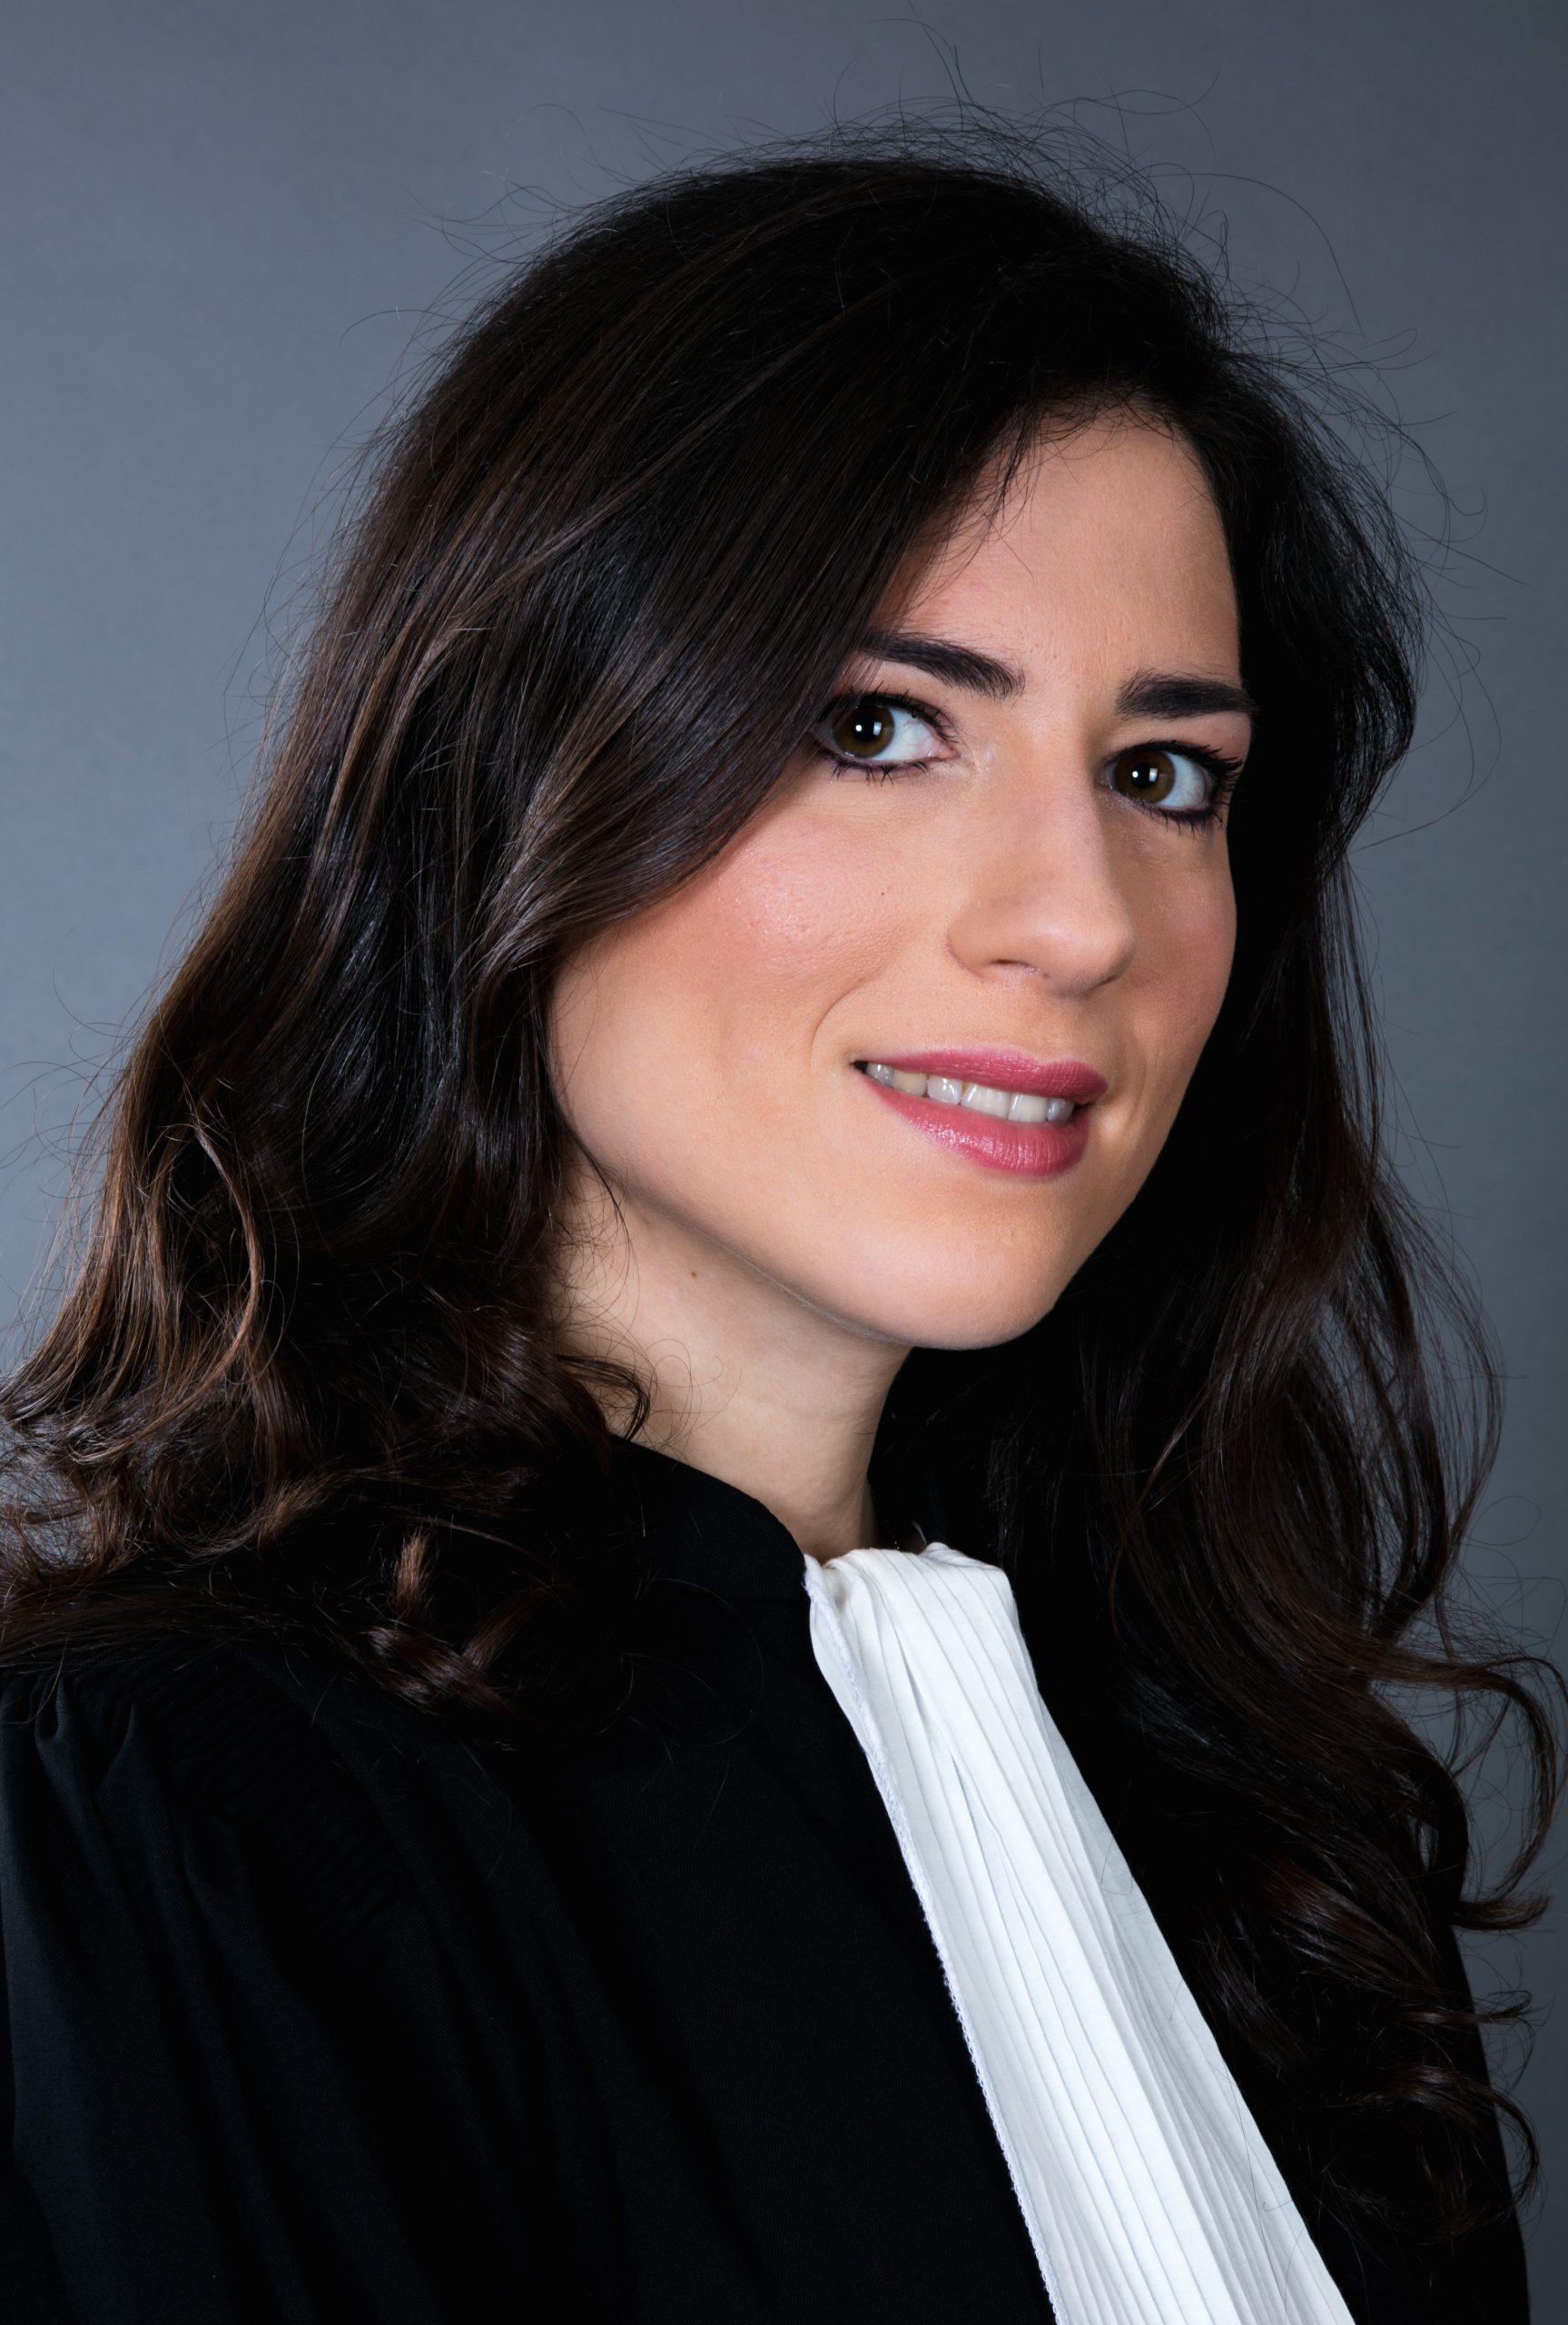 Nathalie DAHAN AOUATEAvocat Indépendantbourg-la-reine